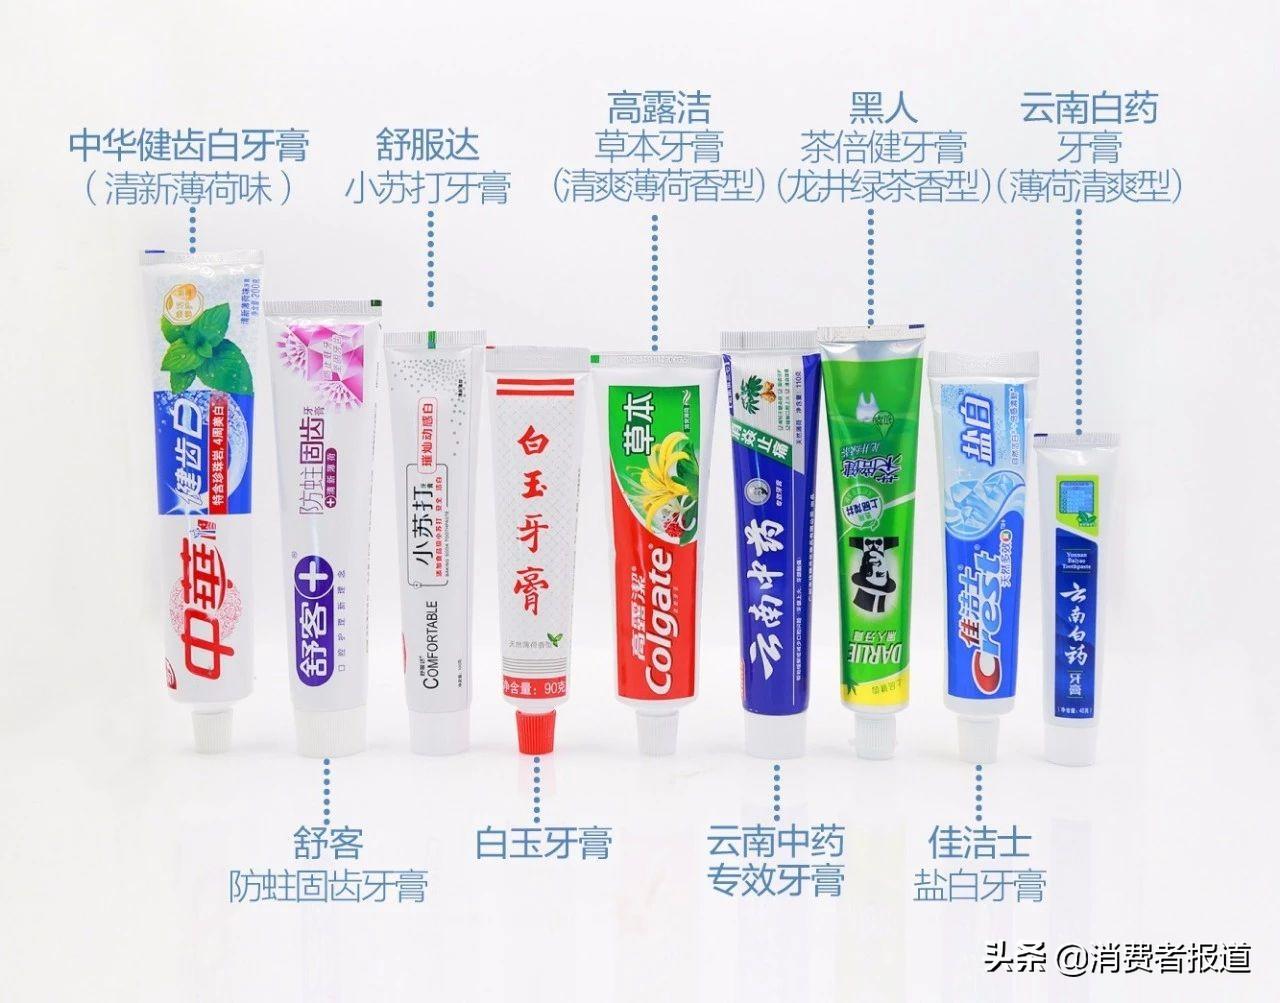 9款牙膏测试报告:黑人、舒客一项指标低于口腔专家推荐值